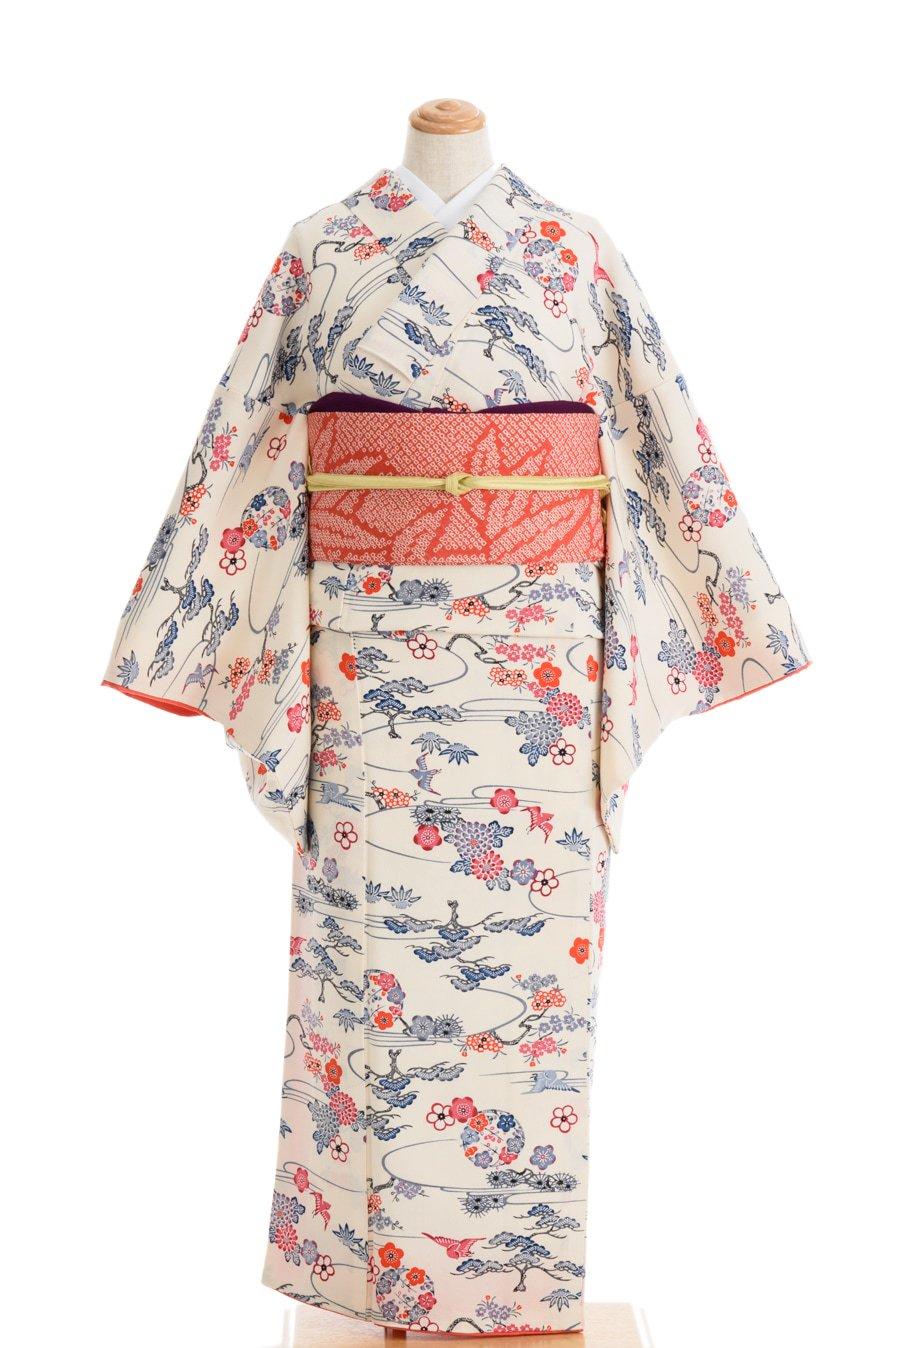 「菊・松・桜に鳥 梅の丸」の商品画像